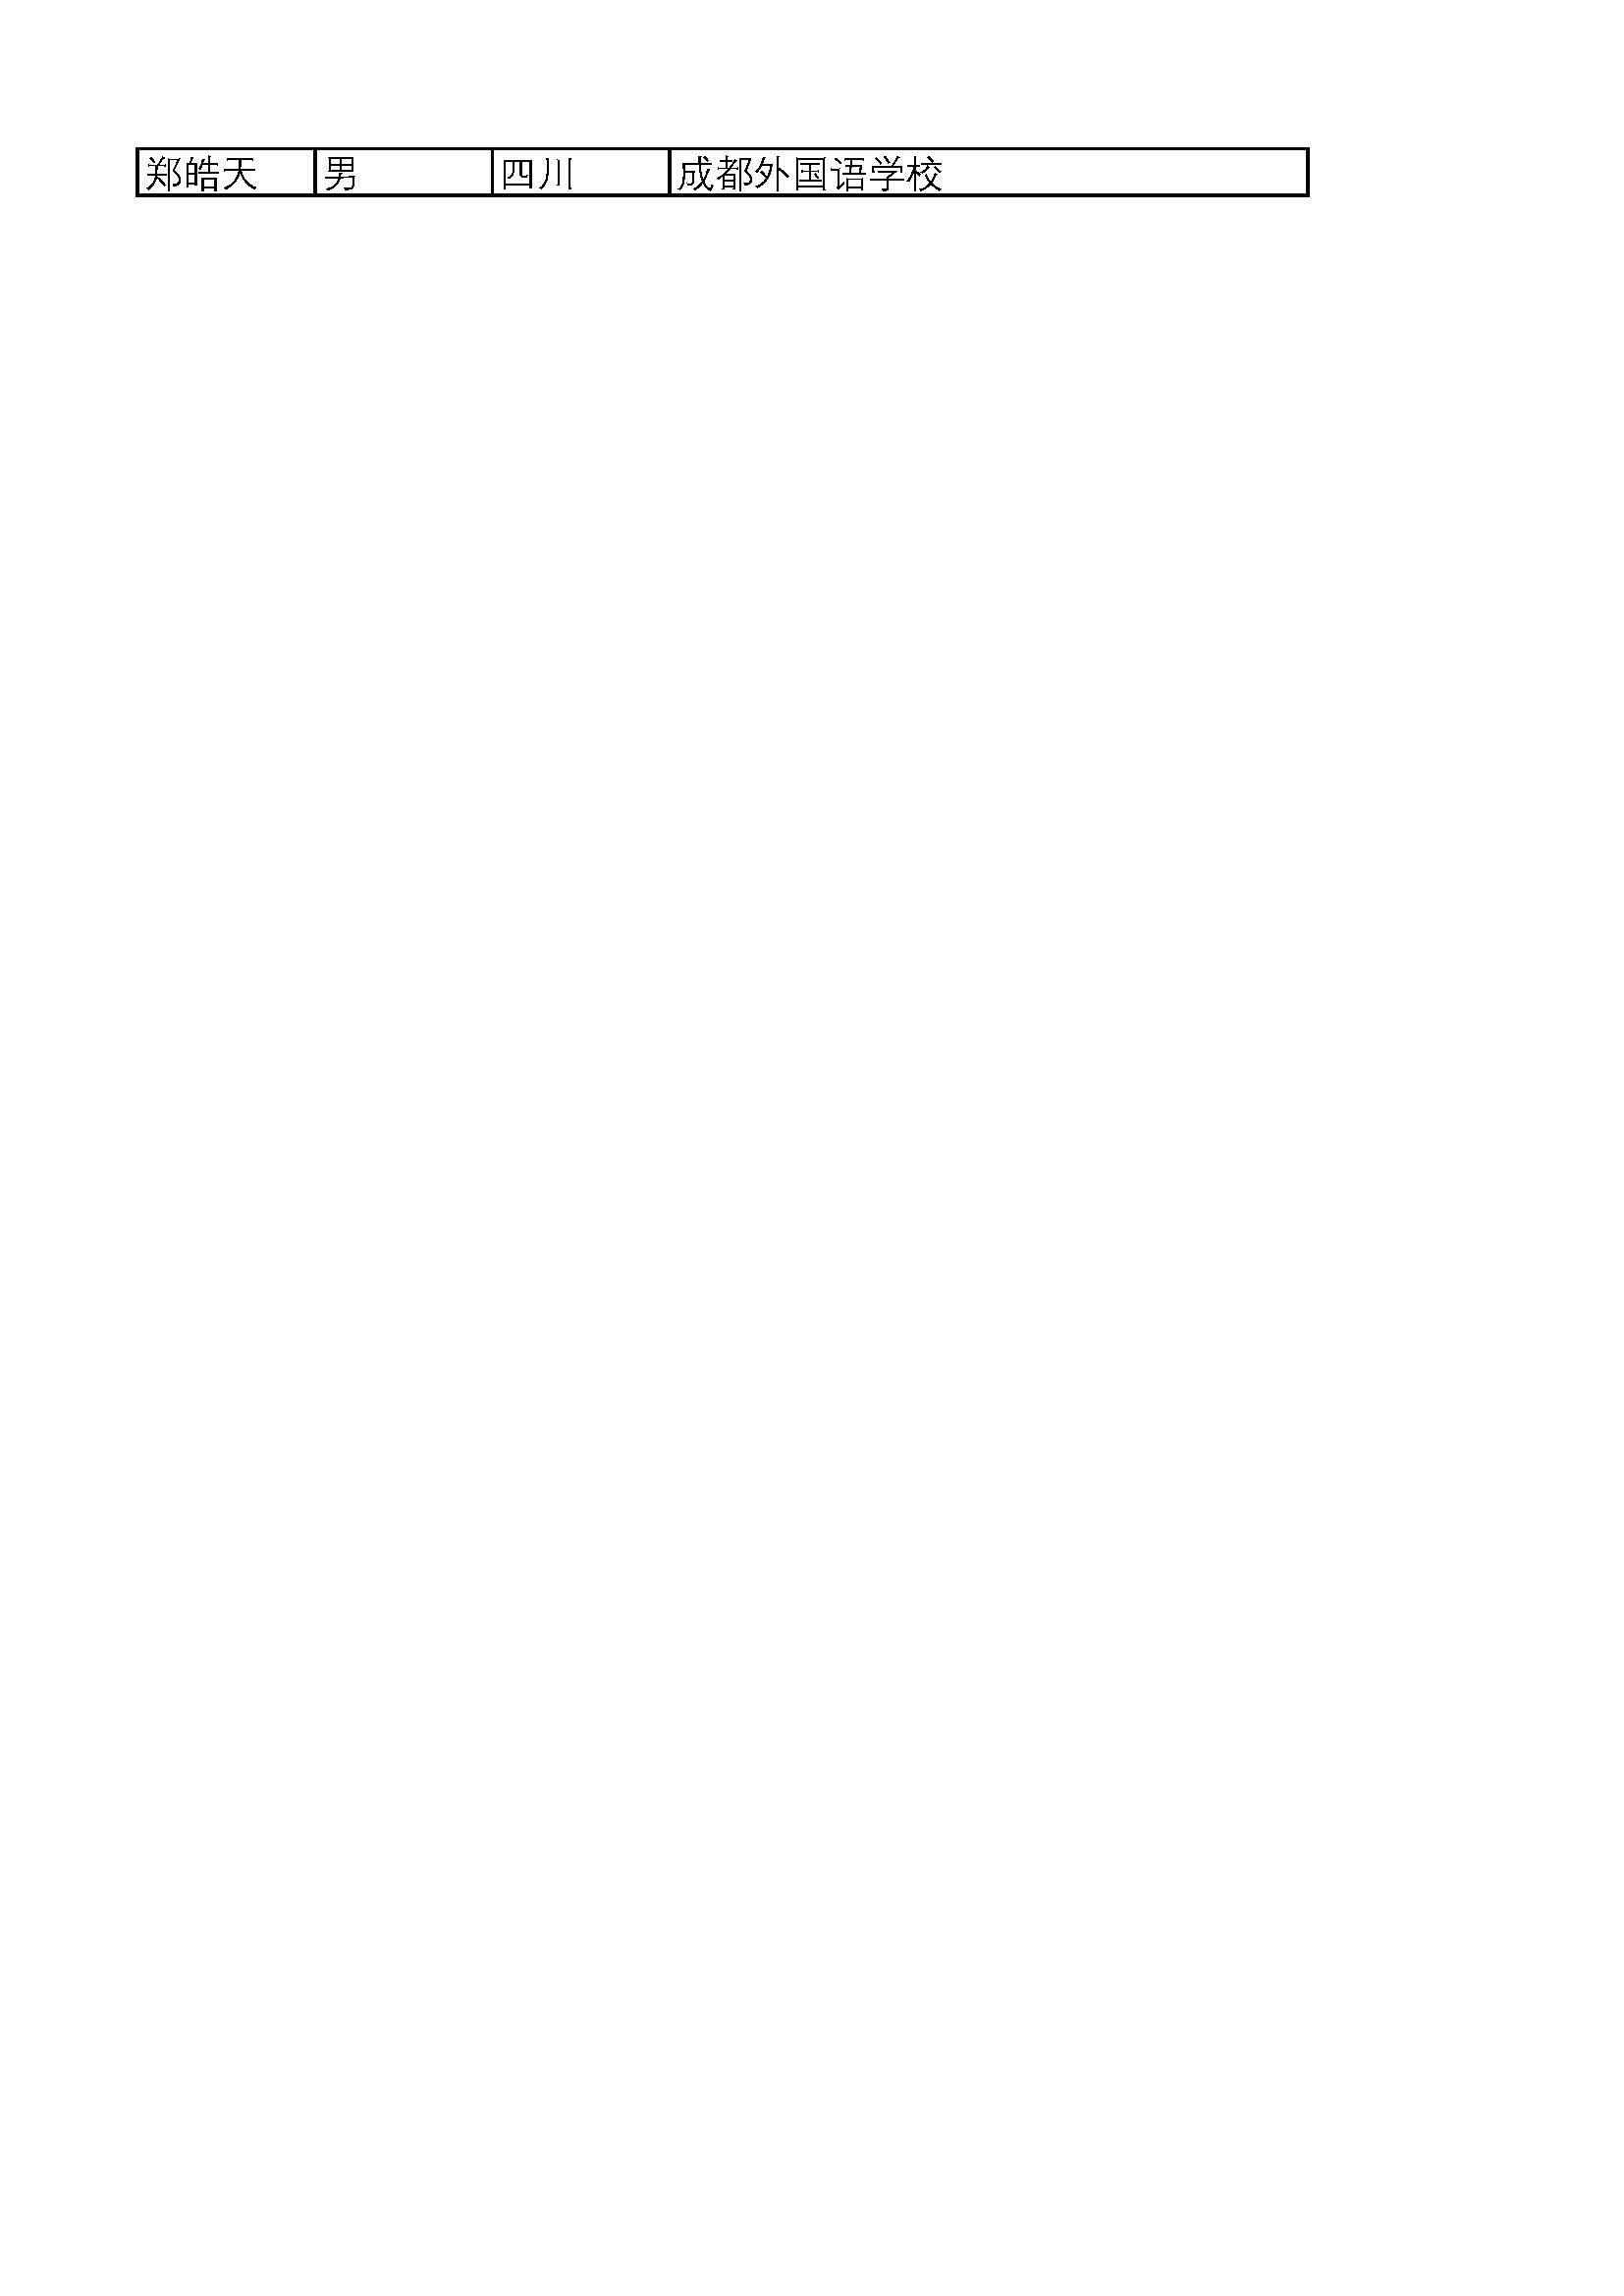 2019年普通高考保送生资格名单(教育部公示) 2